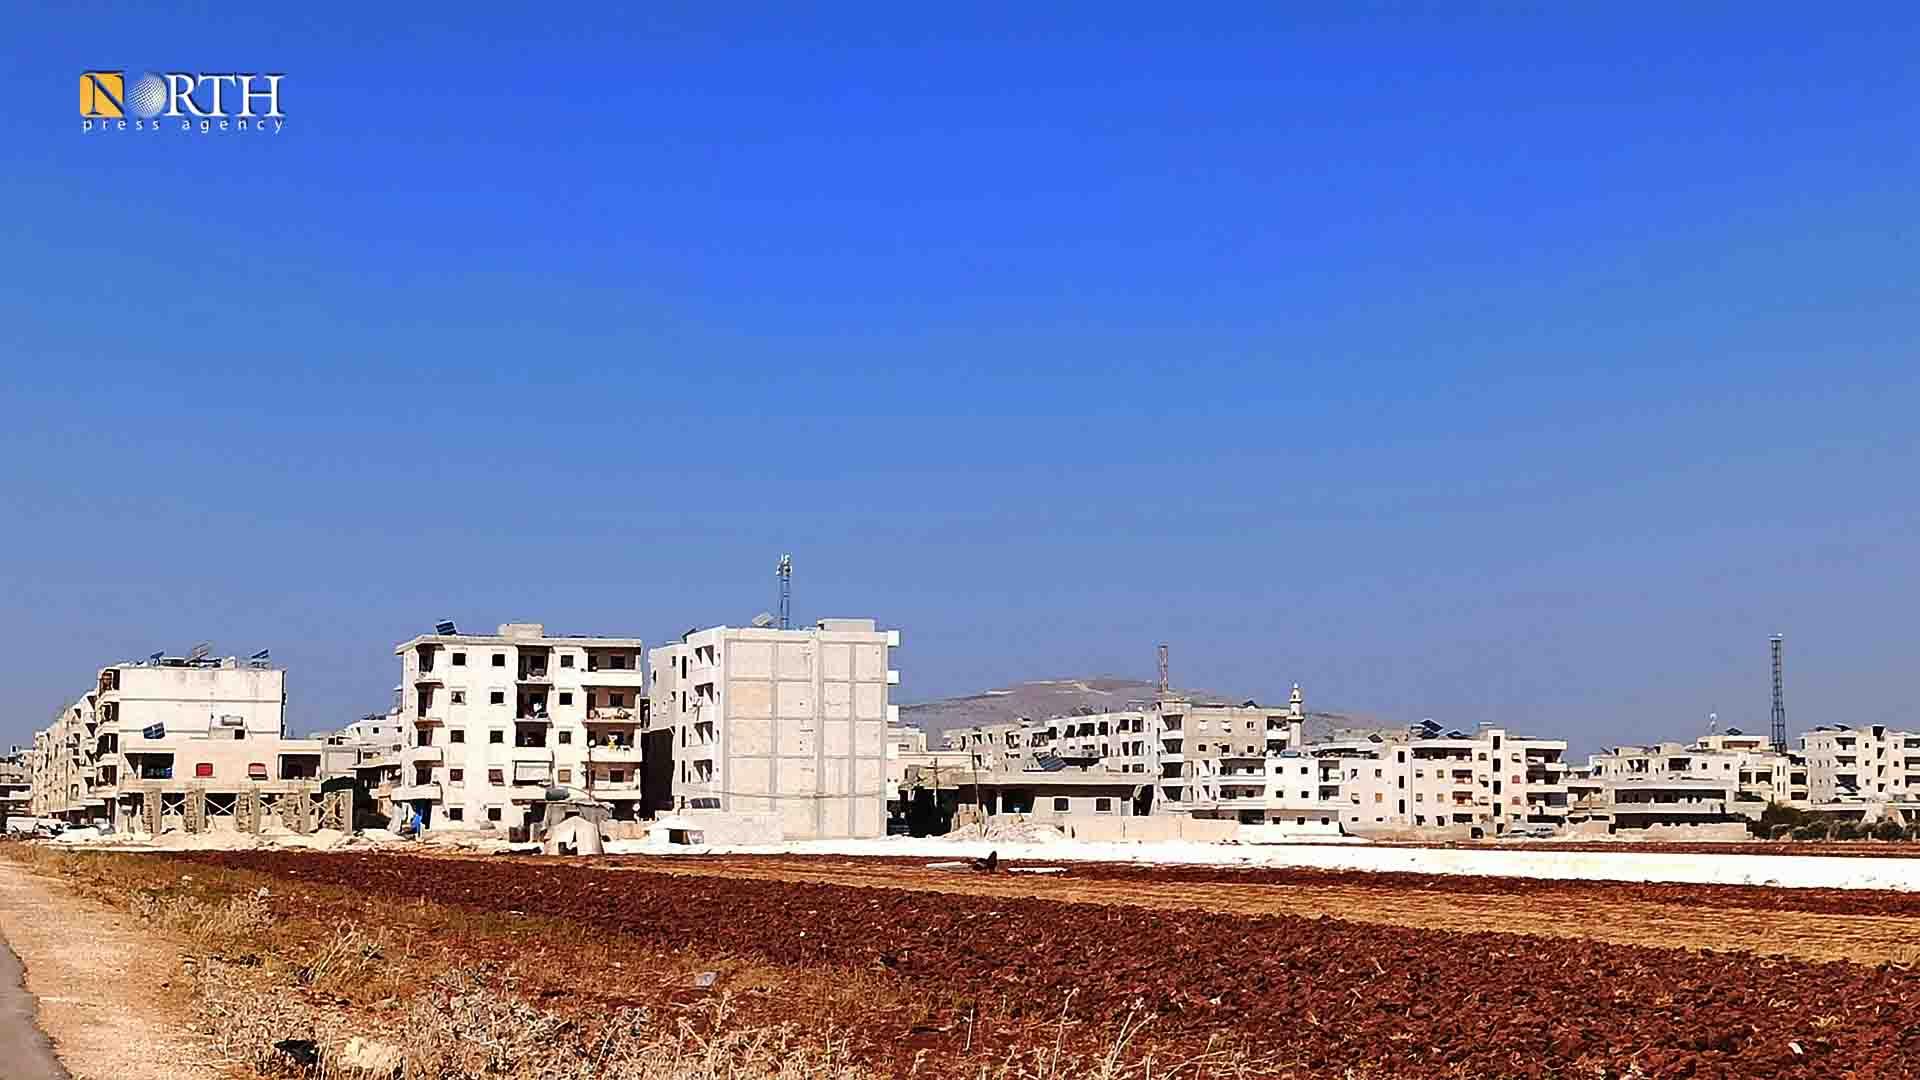 the city of al-Dana, north of Idlib – North Press/archive